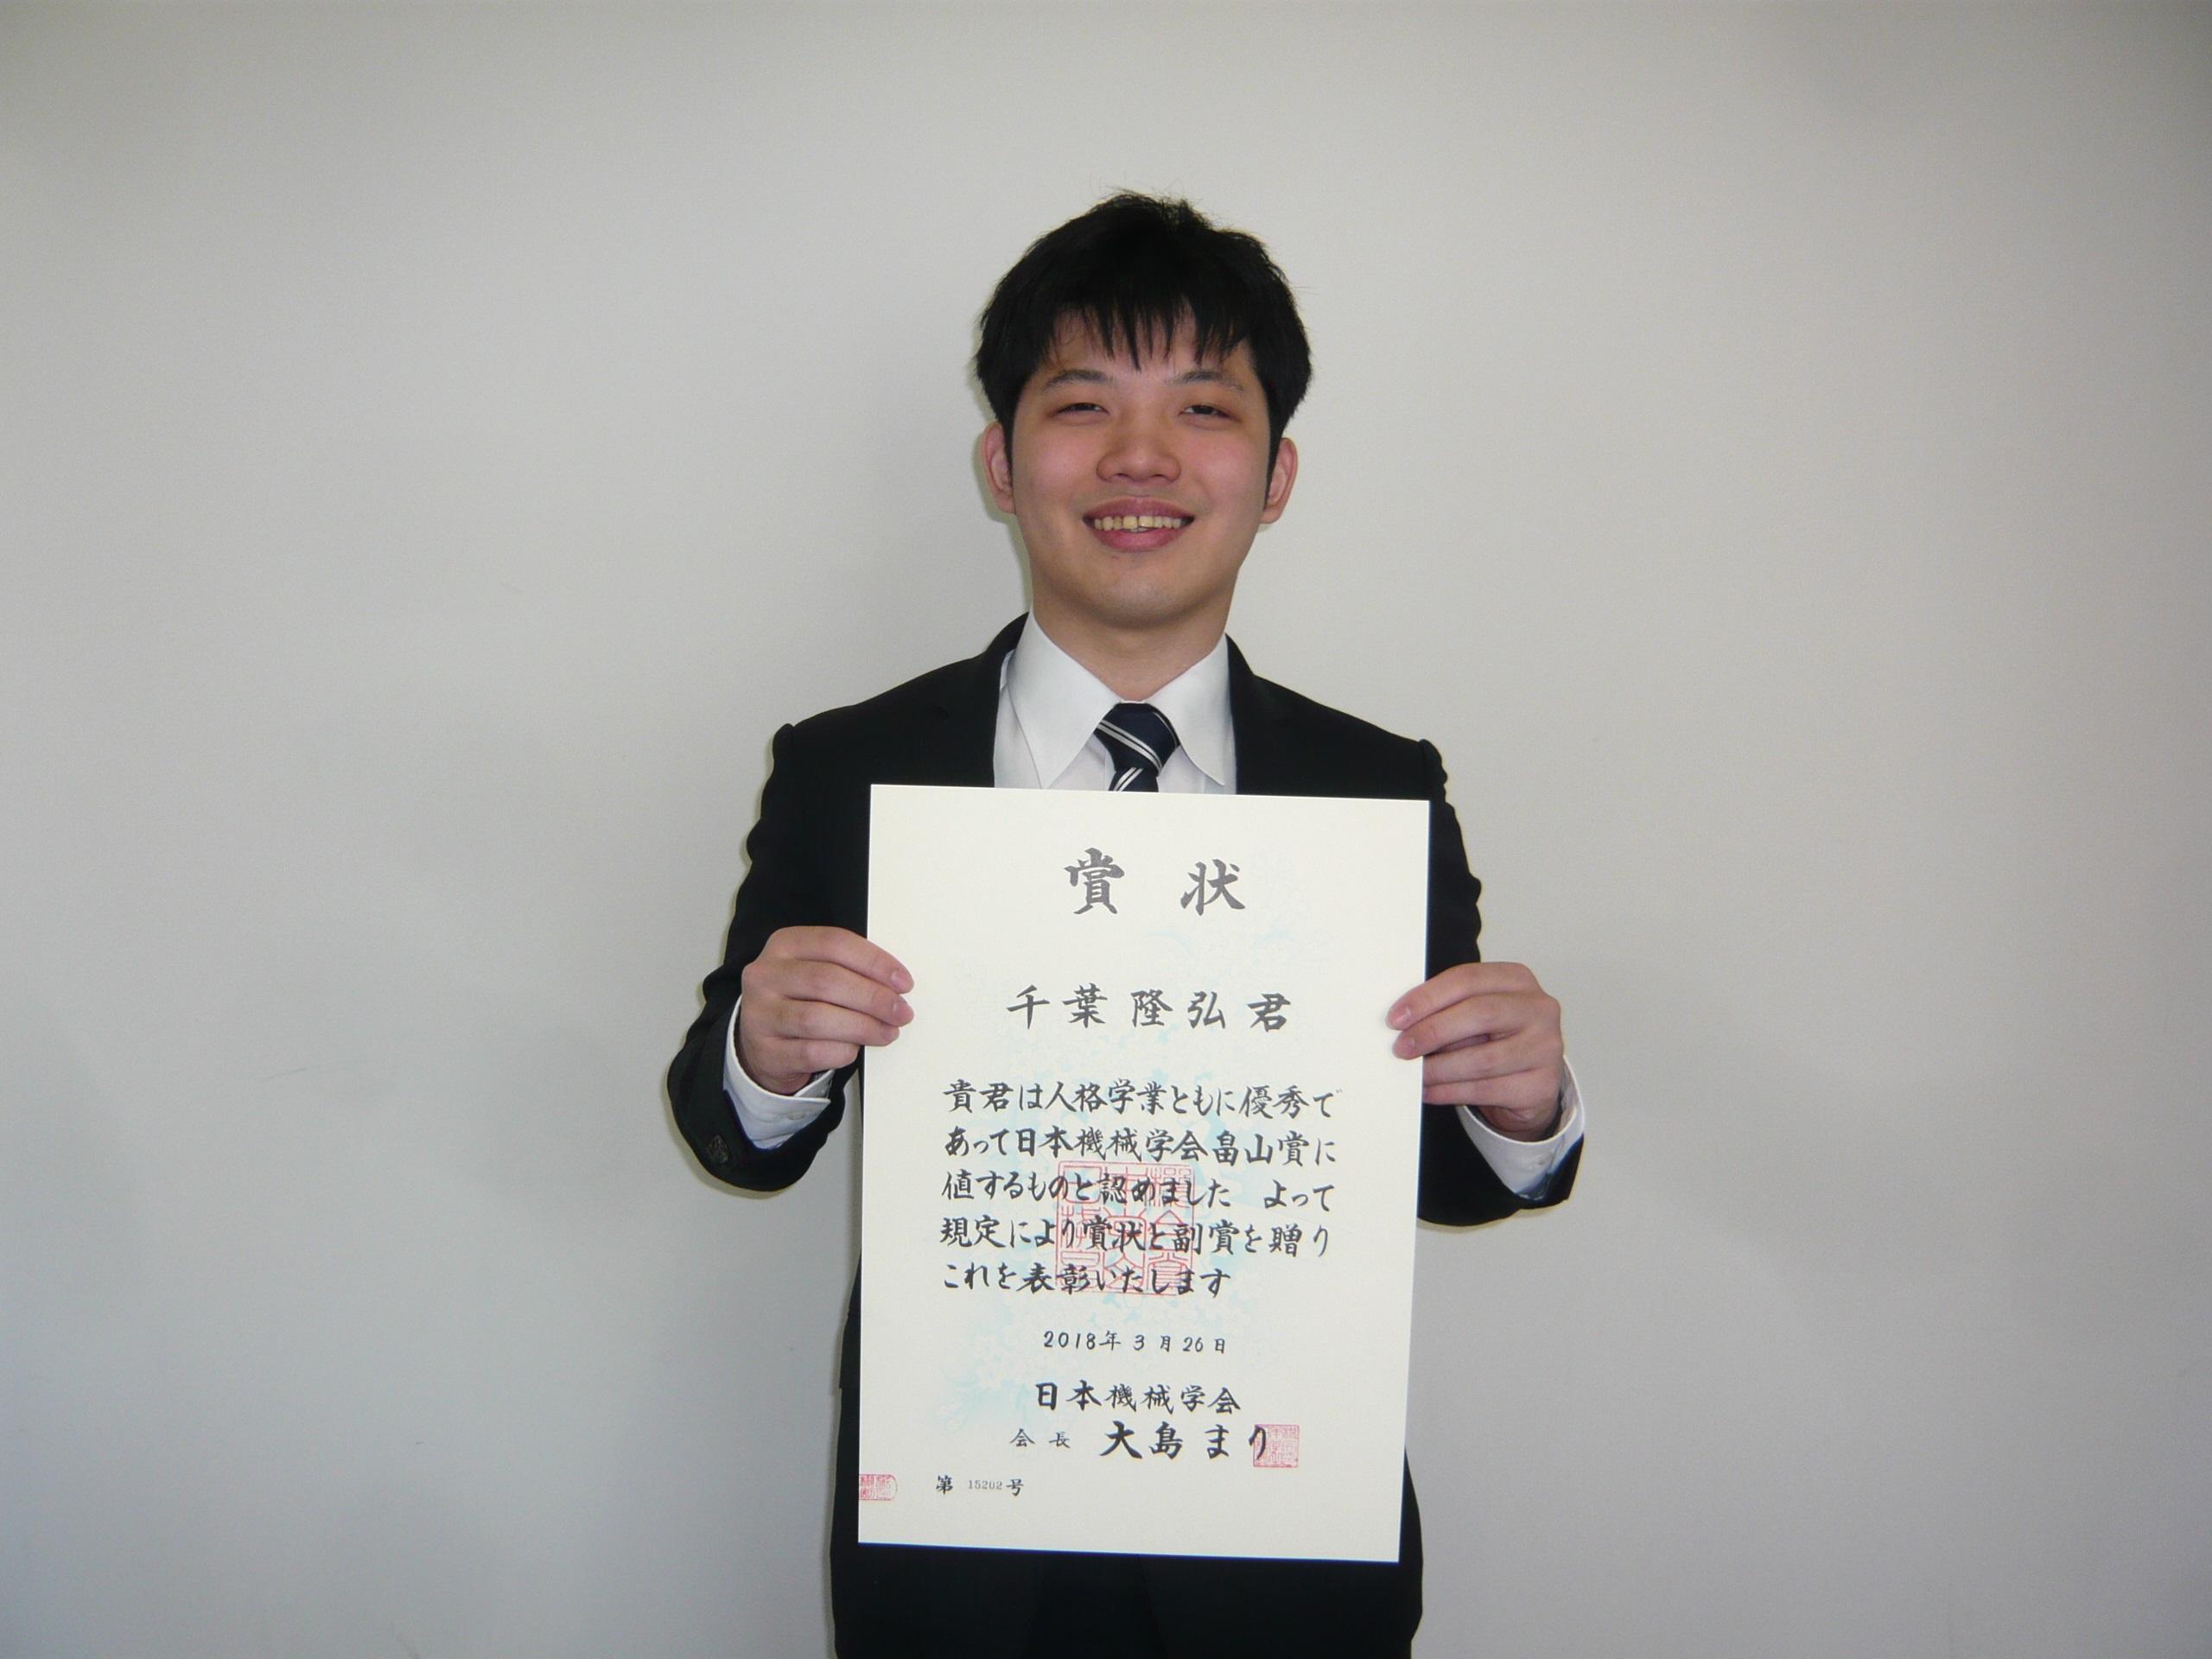 学生の受賞(日本機械学会 畠山賞)